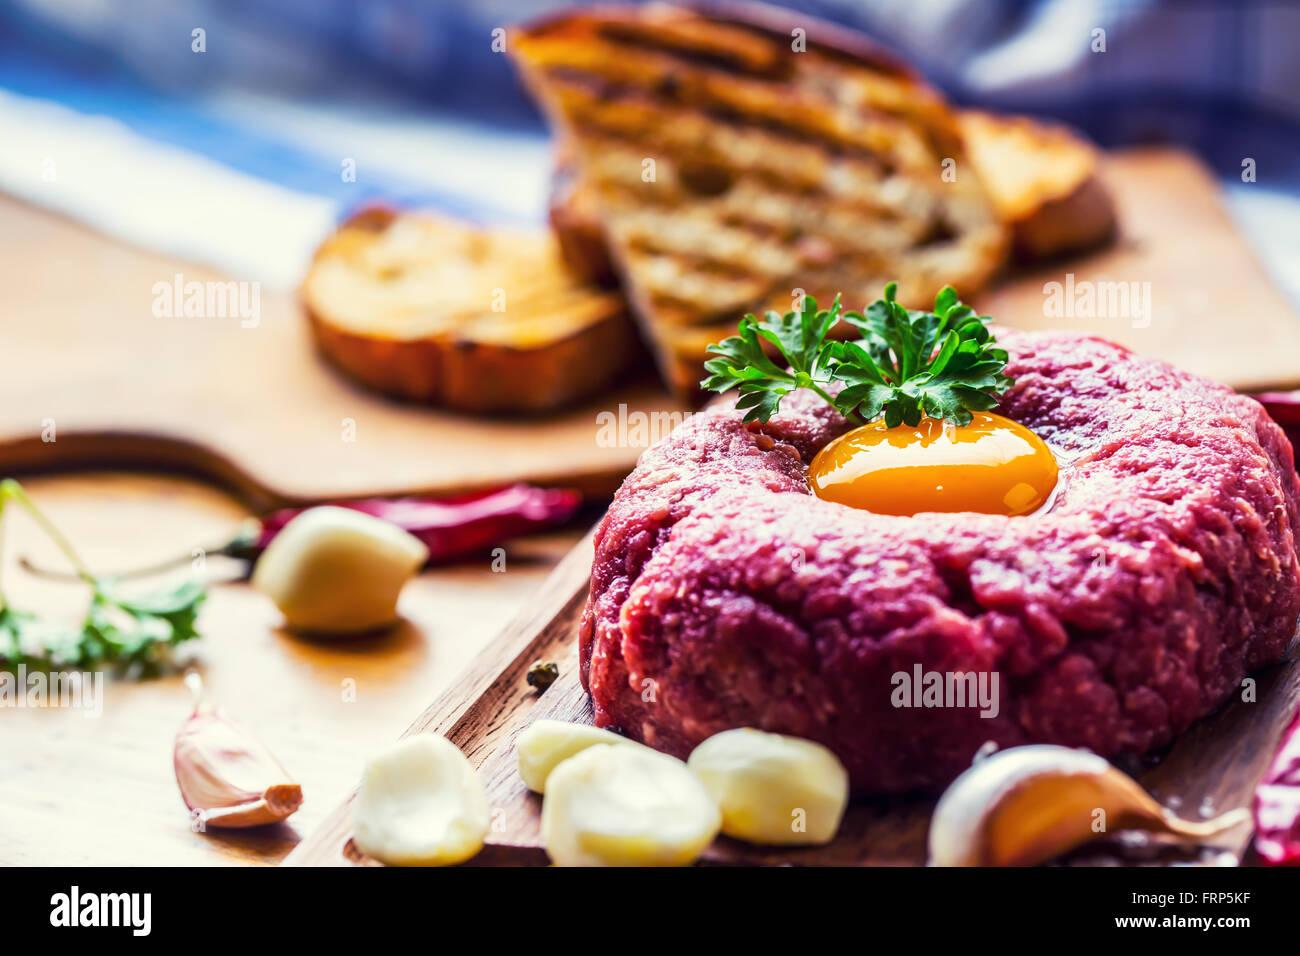 Rohes Rindfleisch. Lecker Steak Tartare. Klassische Tatar auf Holzbrett. Zutaten: Rohes Rindfleisch Fleisch Salz Stockbild